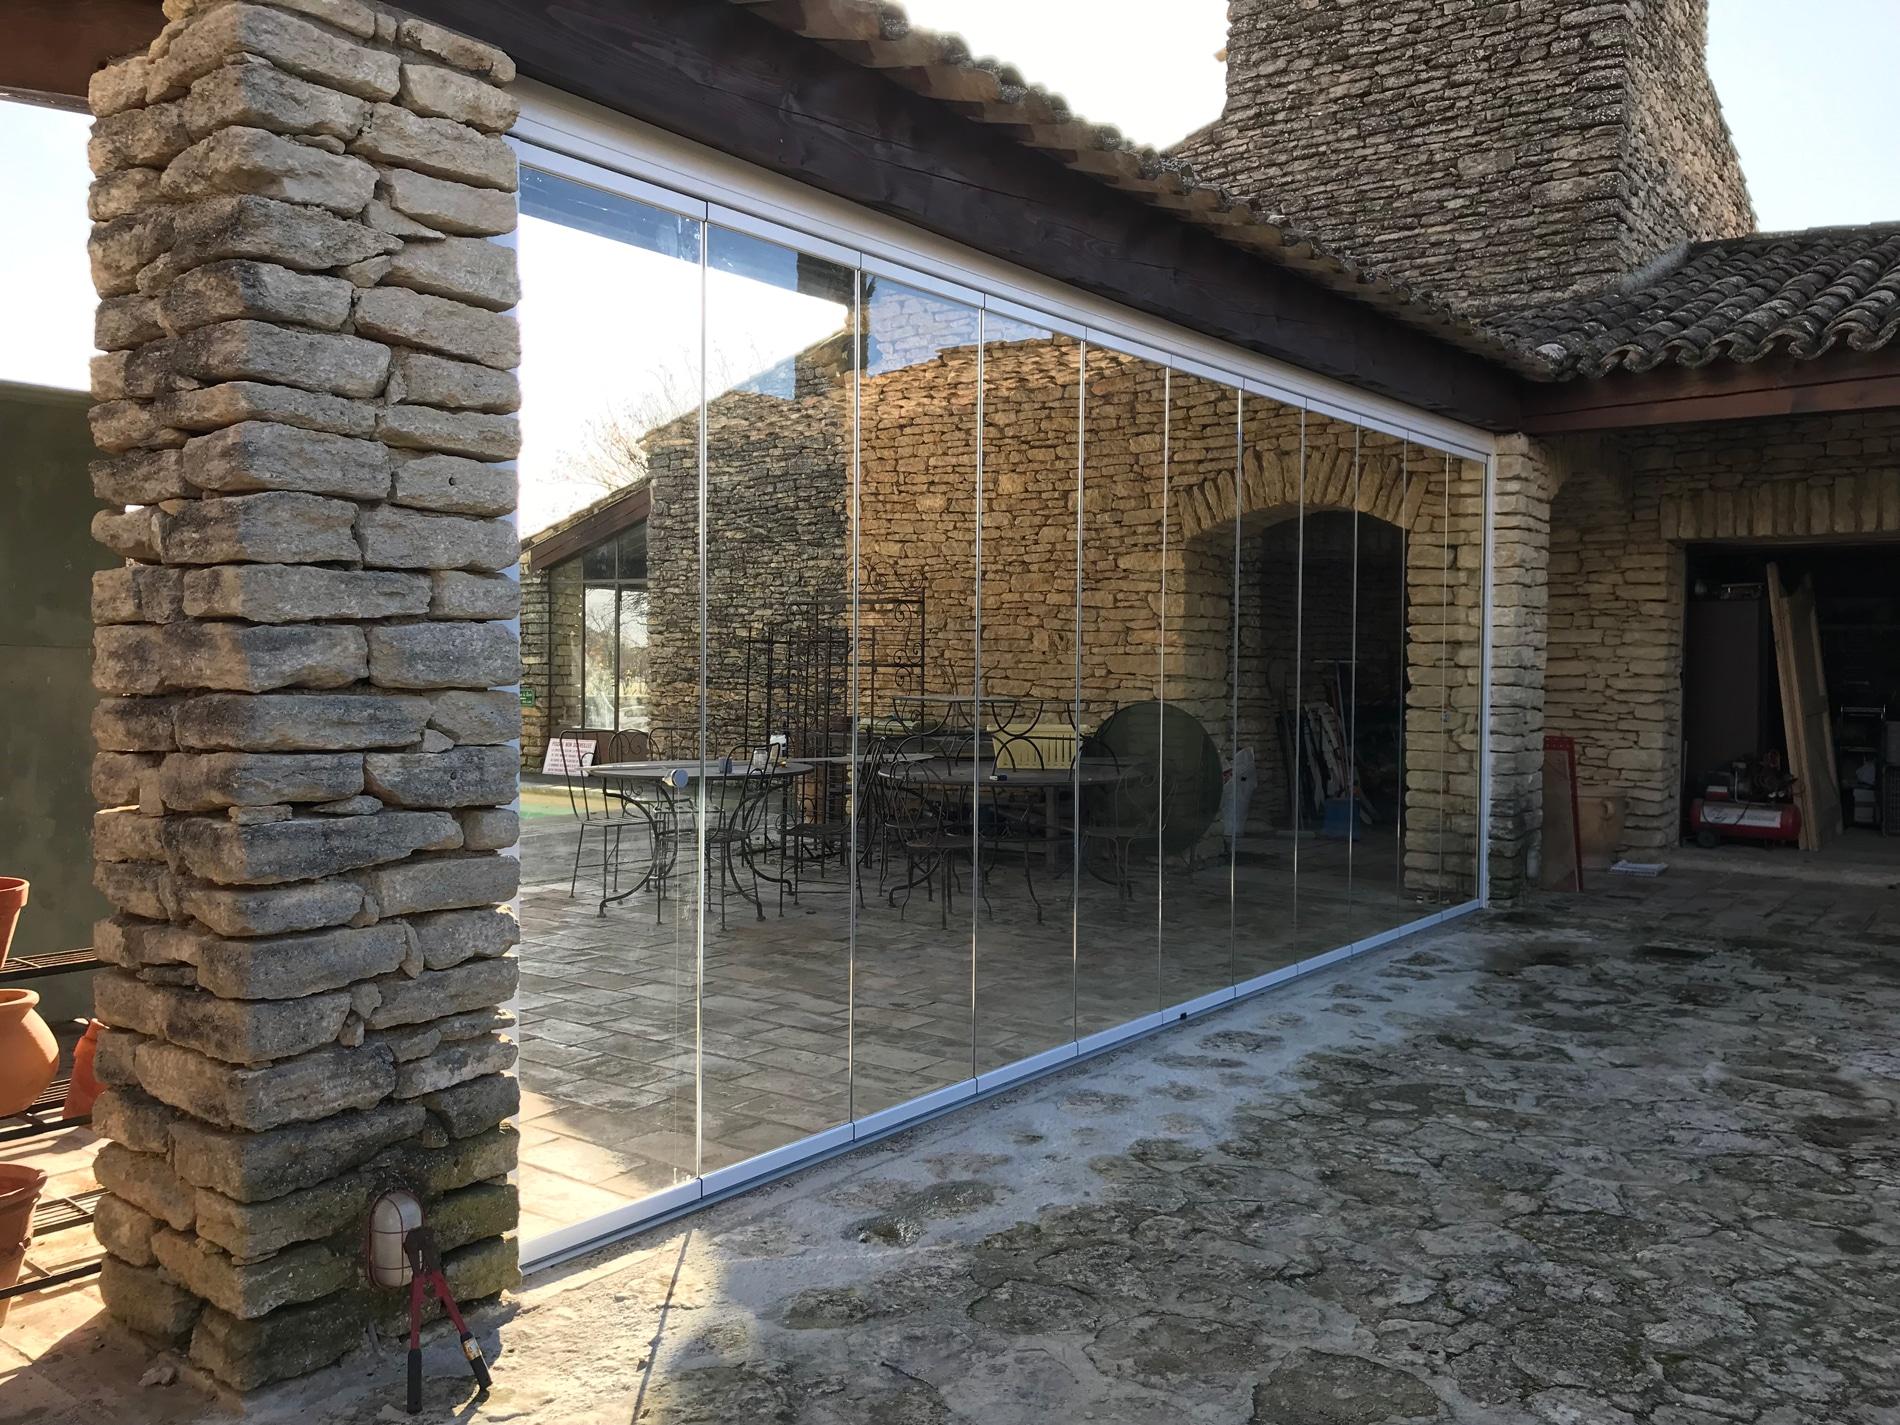 Windschutz Terrasse Mit Glas Schiebe Dreh System